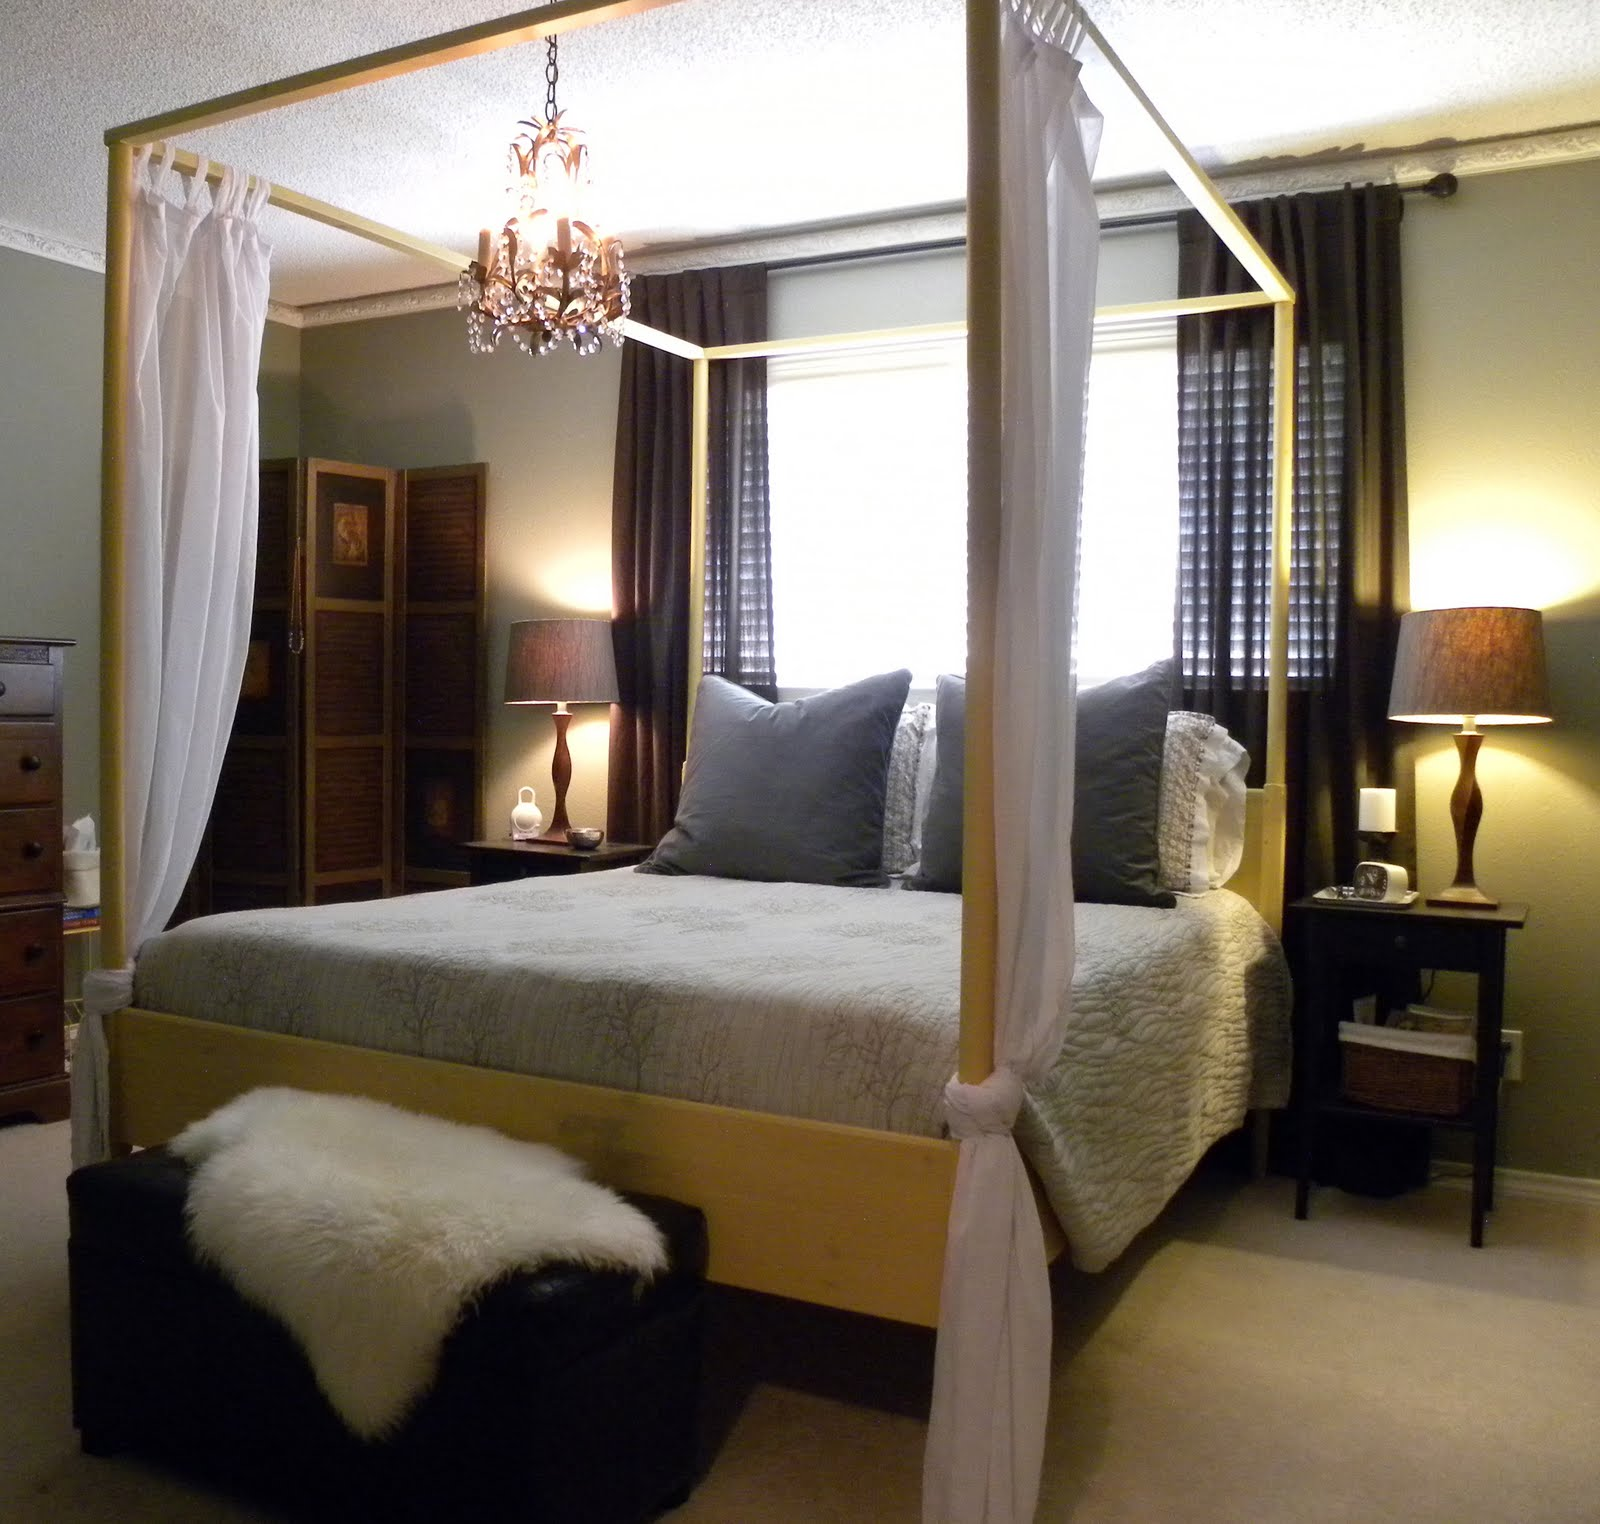 Ikea Master Bedroom: La Maison Boheme: Luxe Details From Ikea